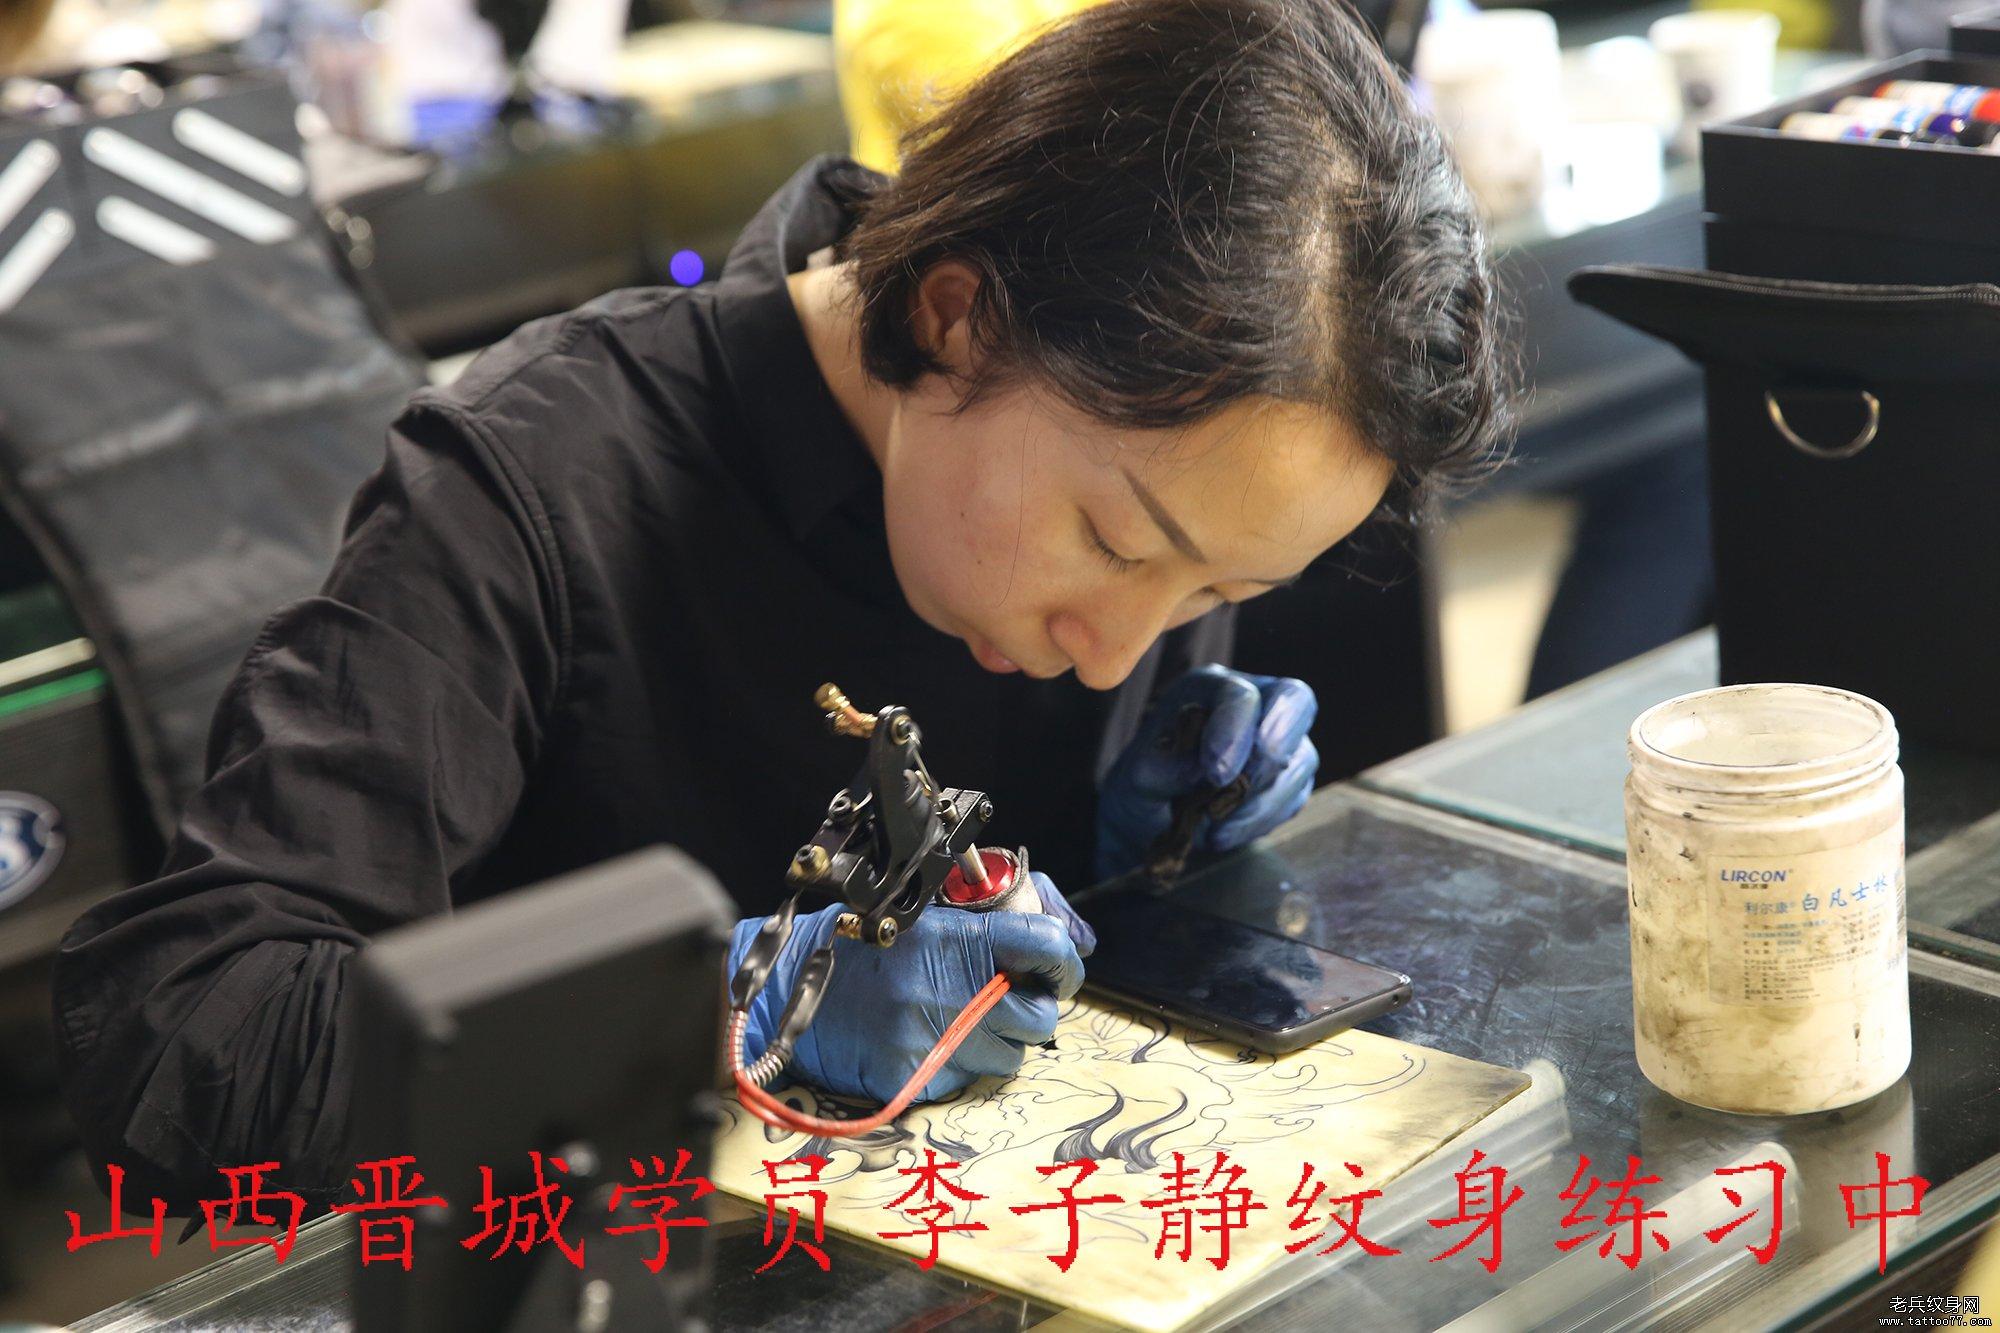 山西晋城学员李子静纹身练习中